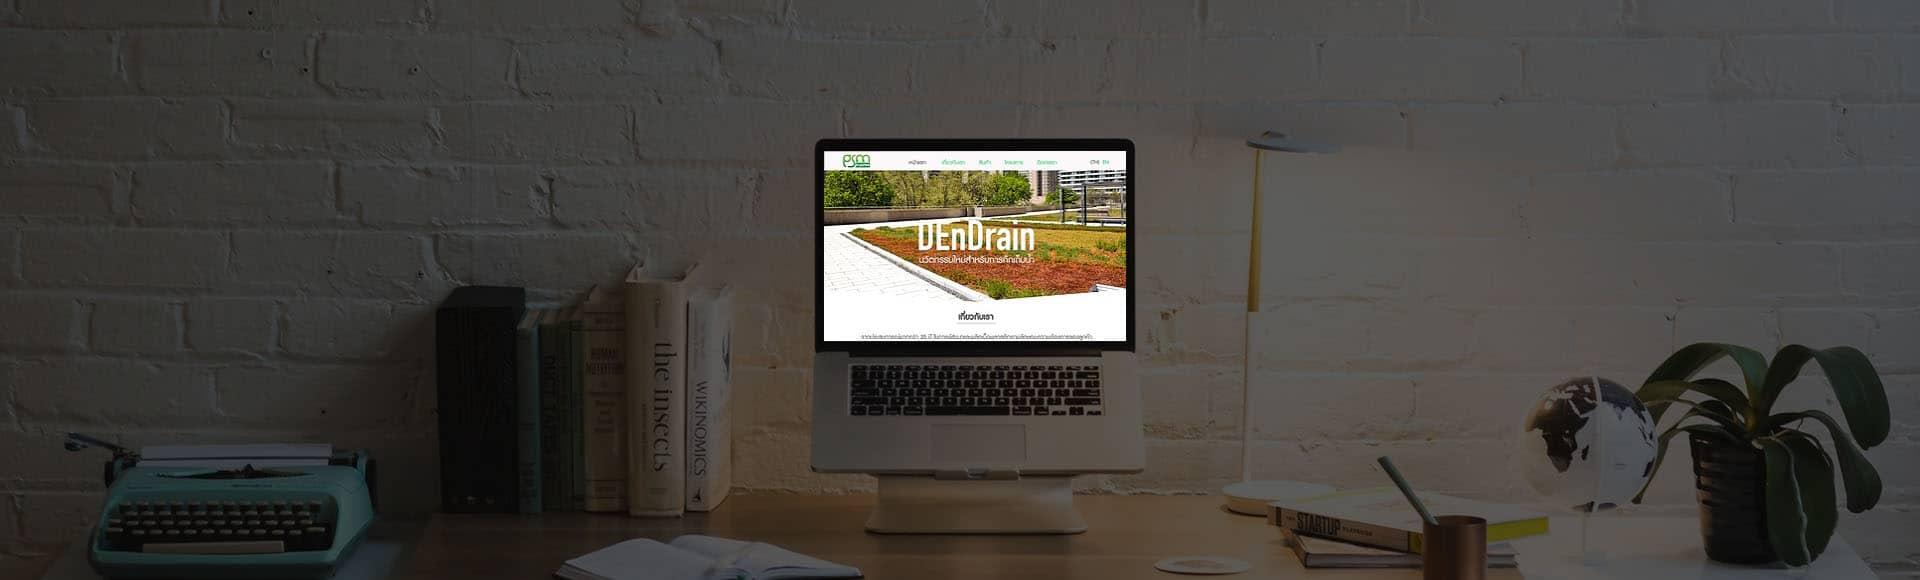 เว็บไซต์ psmplaspro | บริการรับทำเว็บไซต์ ออกแบบเว็บไซต์